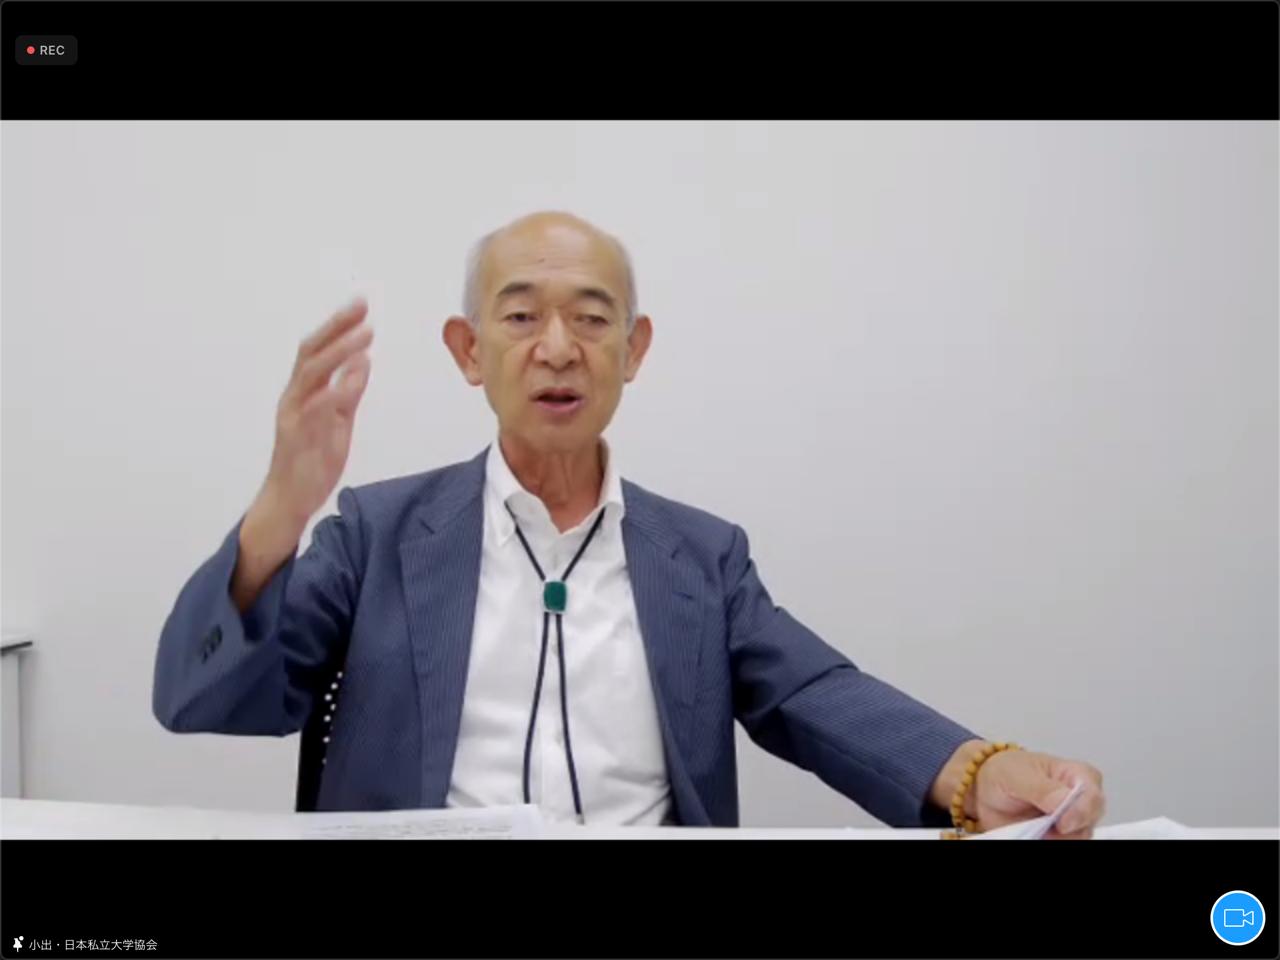 熱弁をふるう小出秀文氏